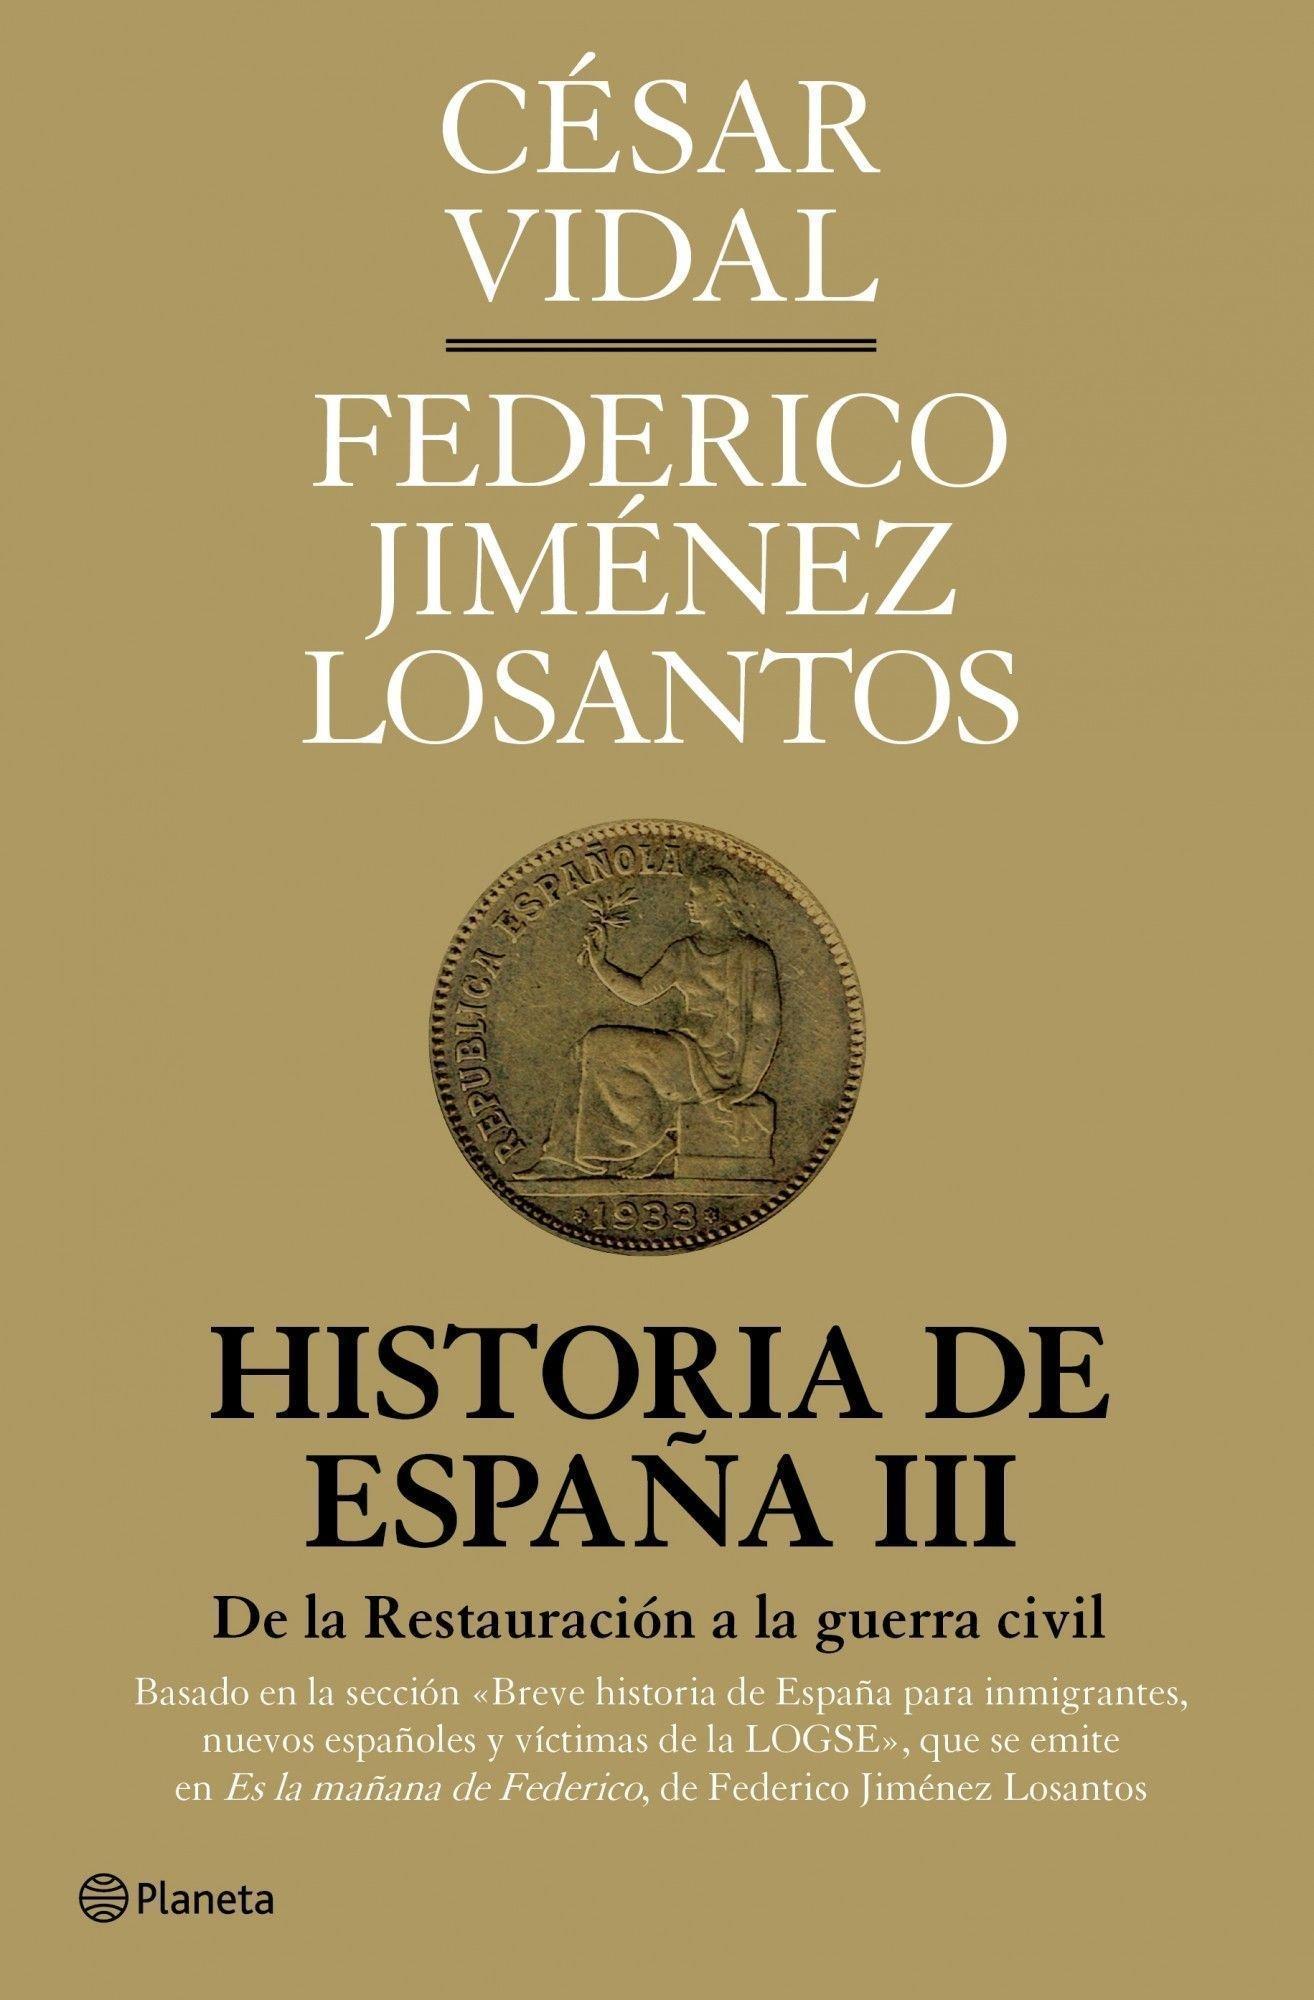 Historia de España III: De la Restauración a la guerra civil Fuera de colección: Amazon.es: Vidal, César, Jiménez Losantos, Federico: Libros